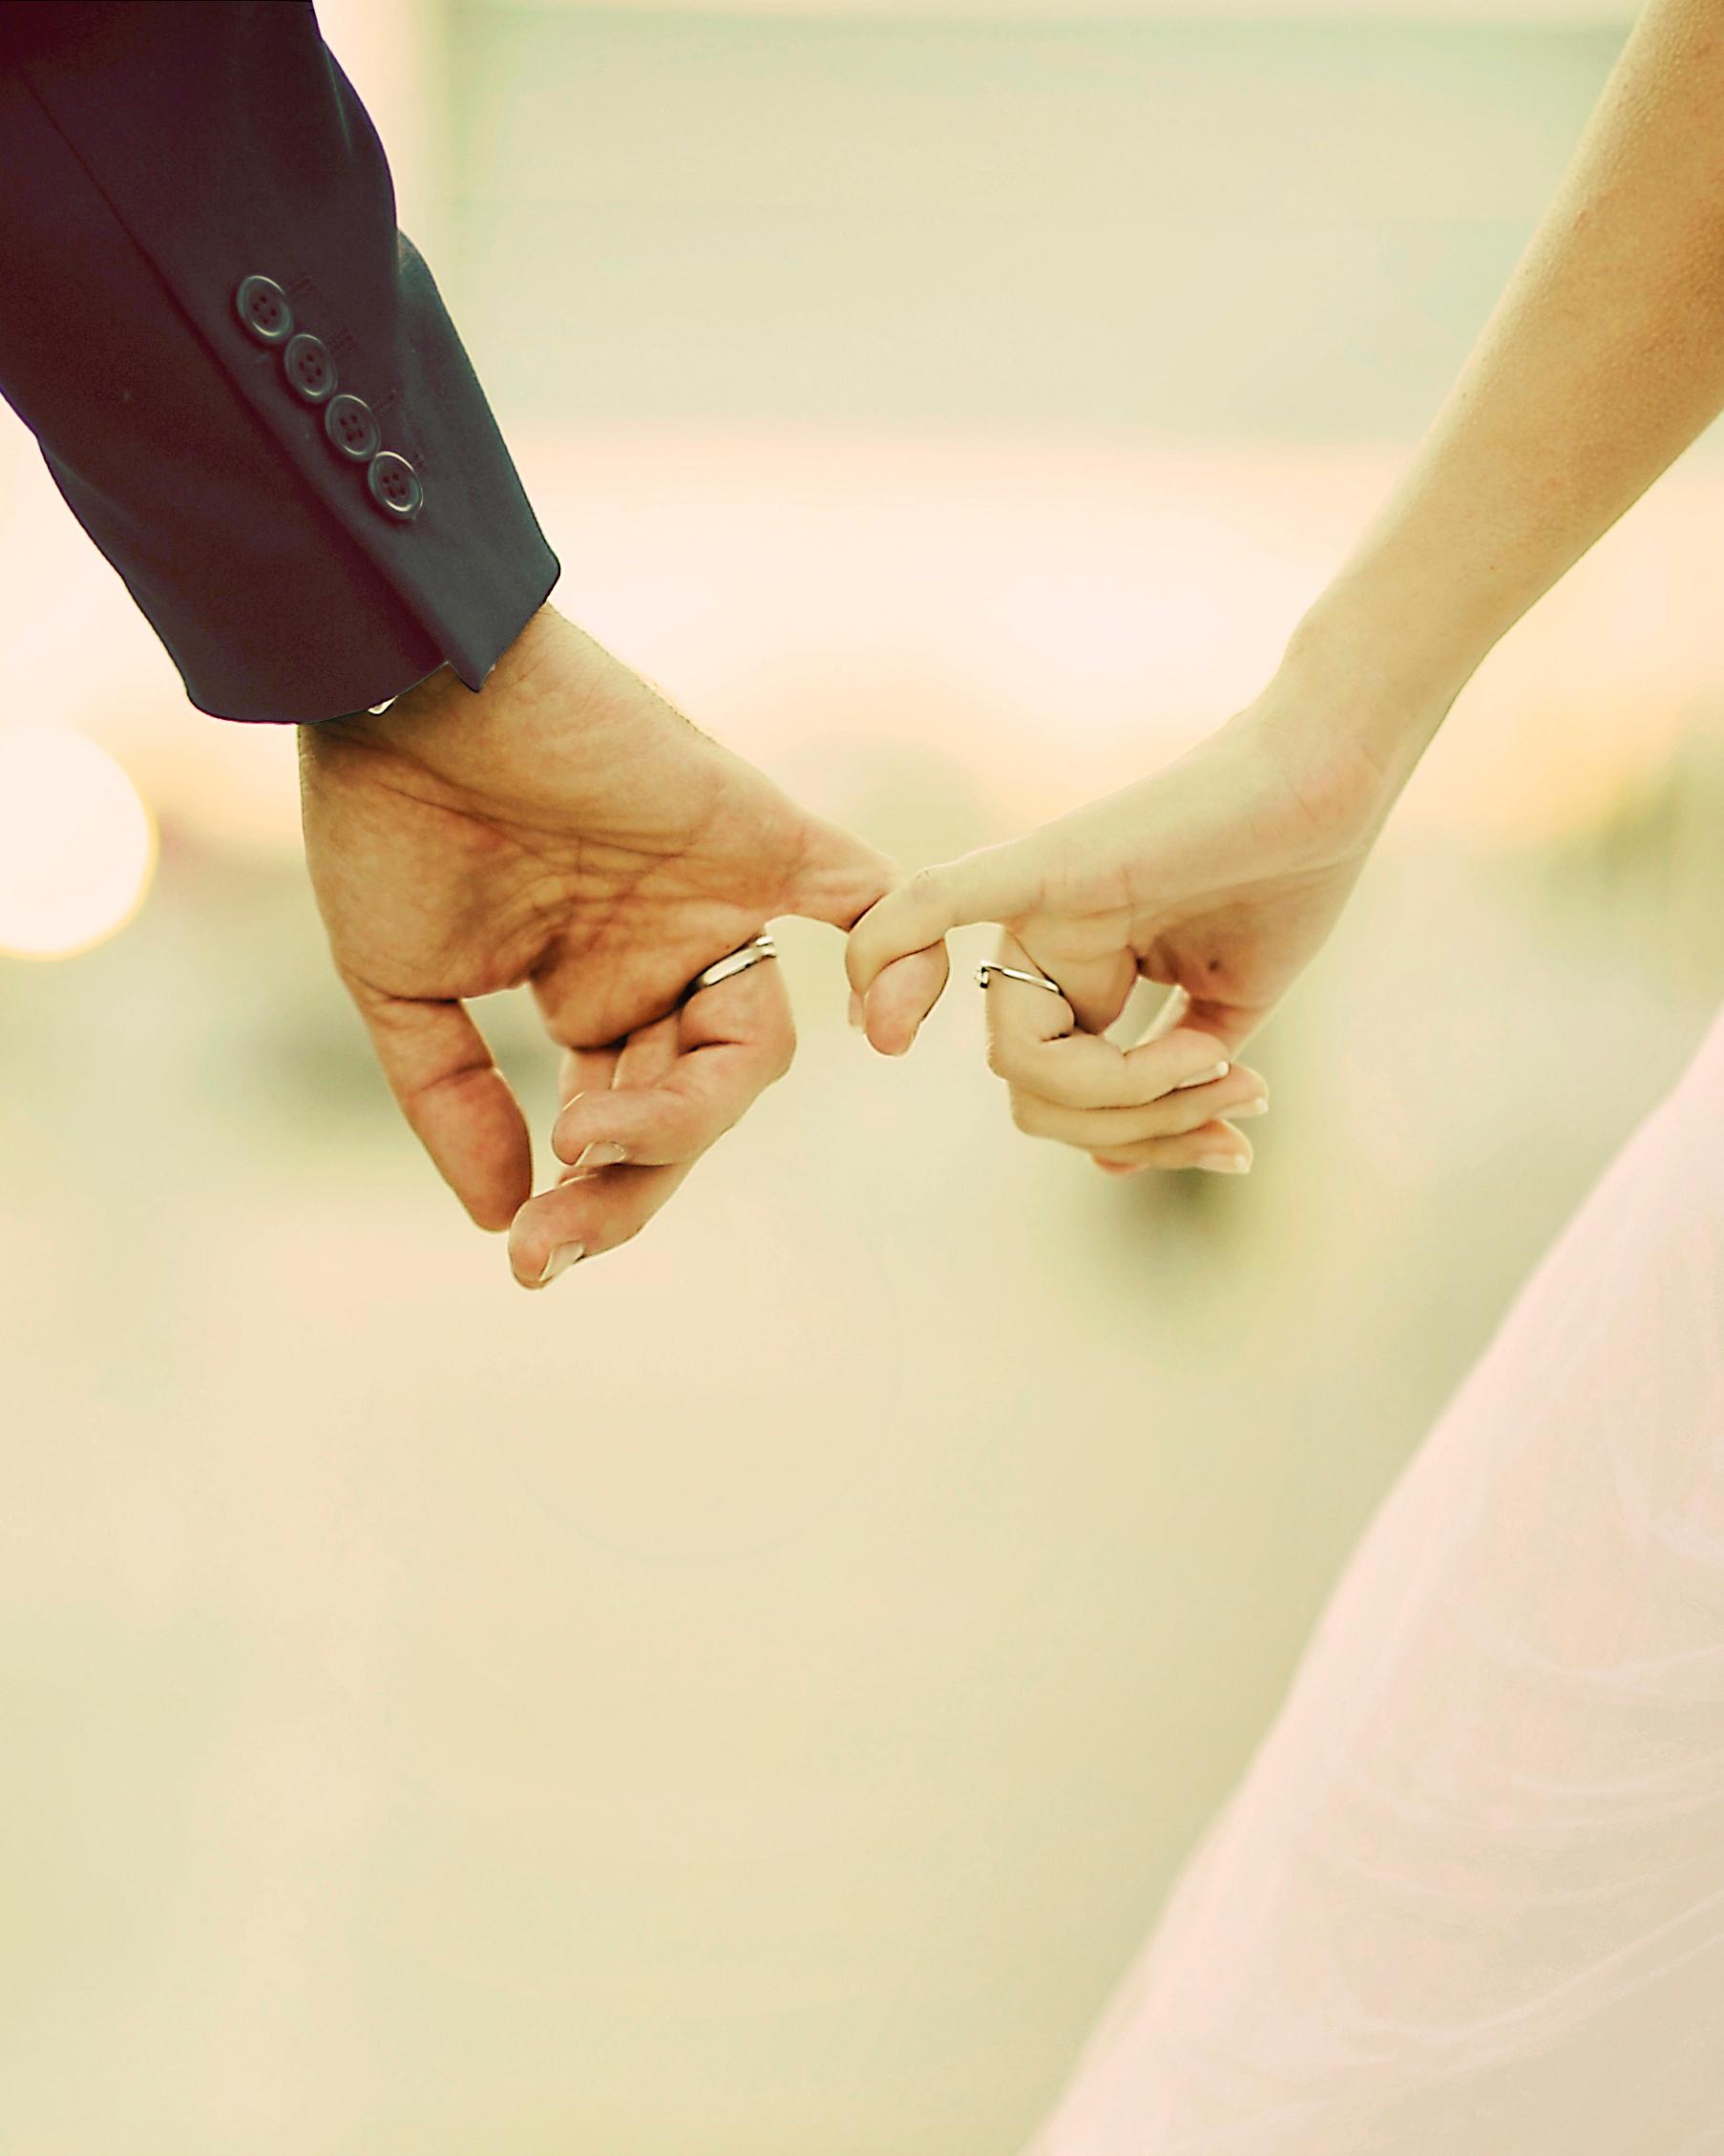 love-fingers-bride-groom-pinky-promise-0116.jpg